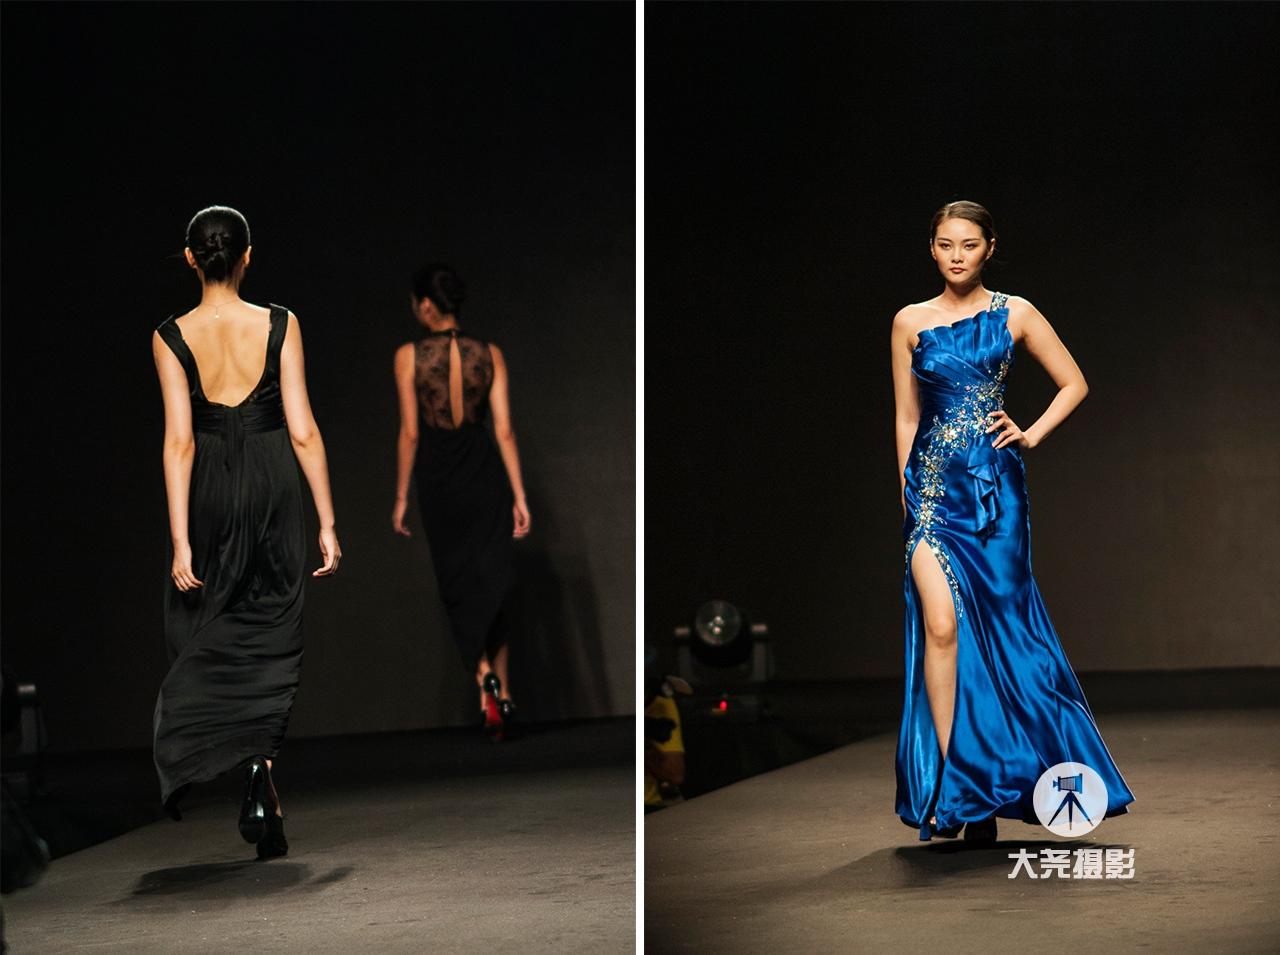 深圳服装晚会走秀拍摄